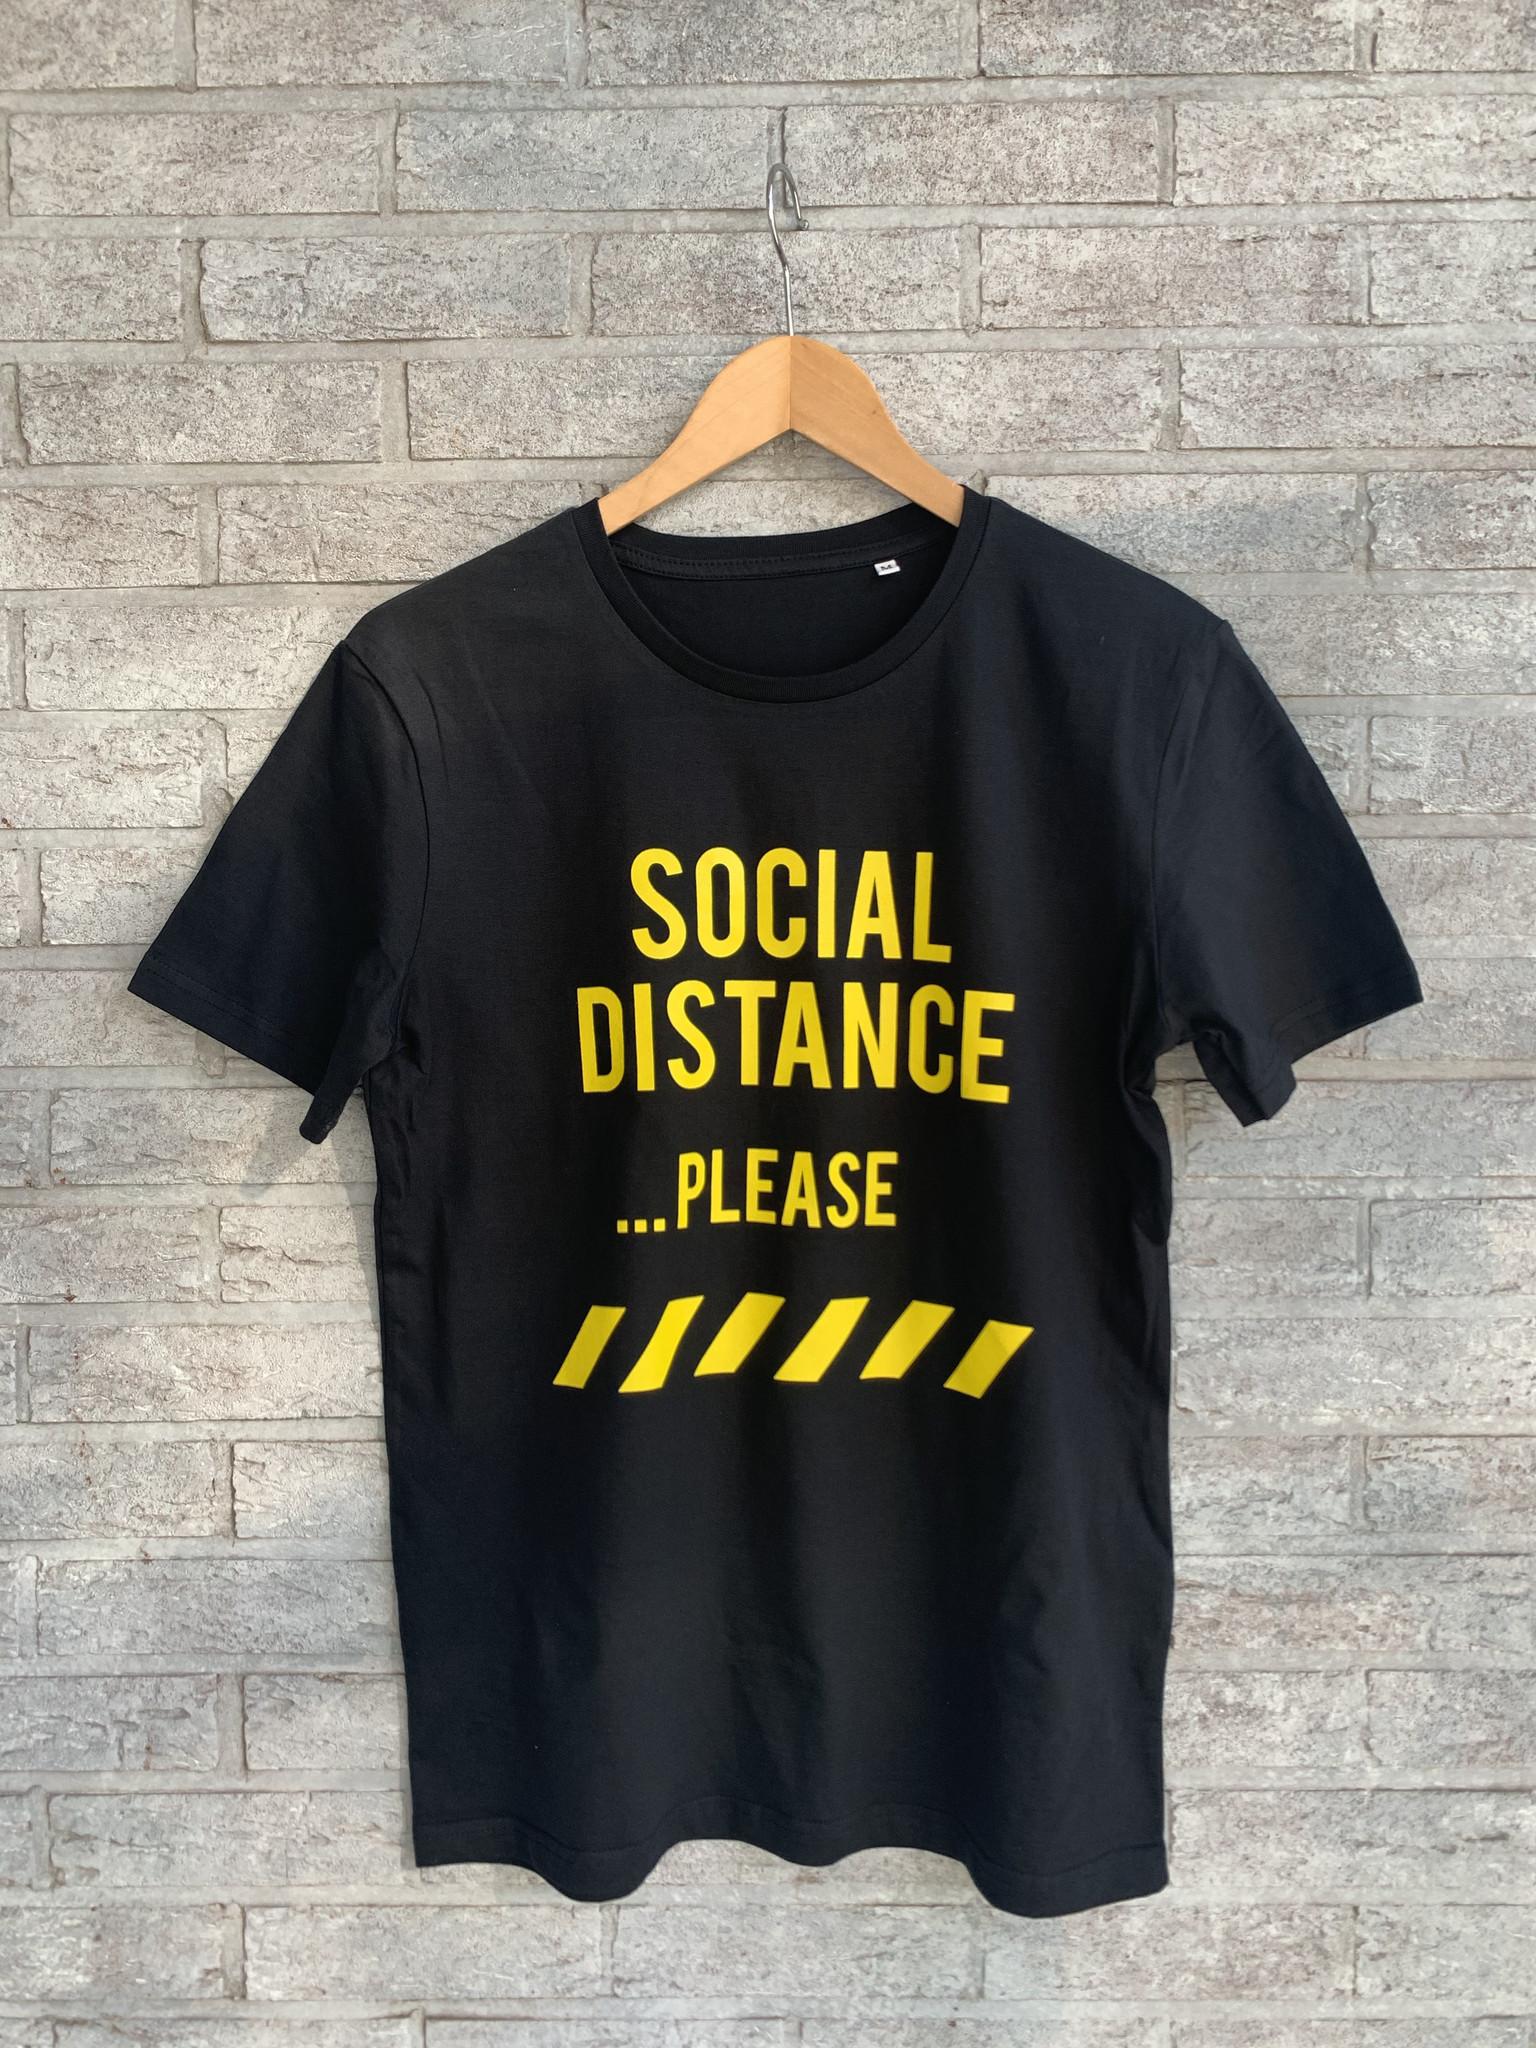 MYSHIRT SOCIAL DISTANCE T-SHIRT